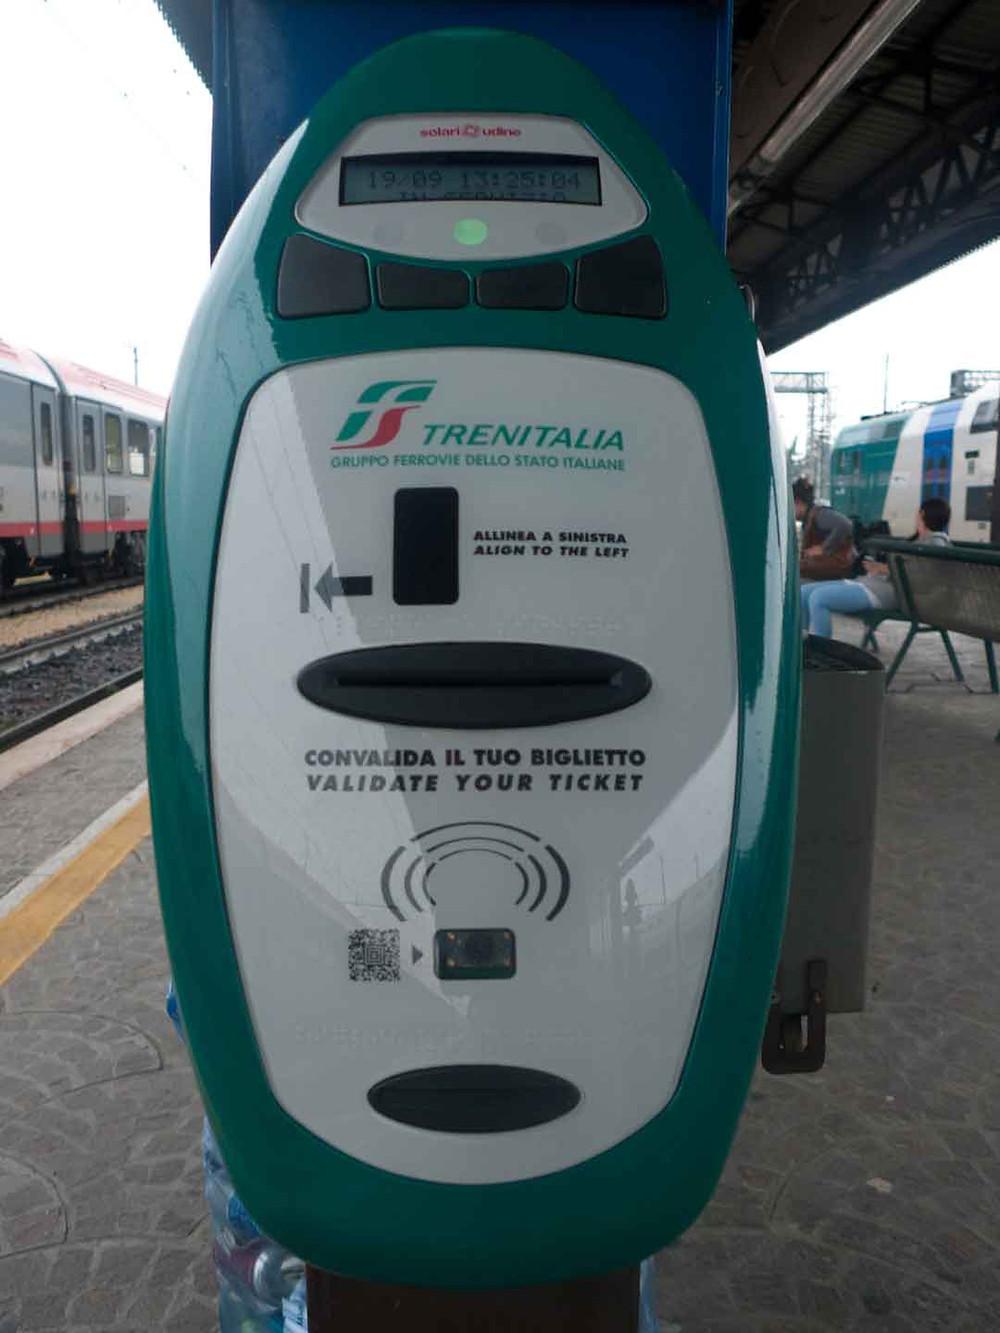 Maquina para validar los boletos de los trenes regionales e intercity. Viaja a Italia